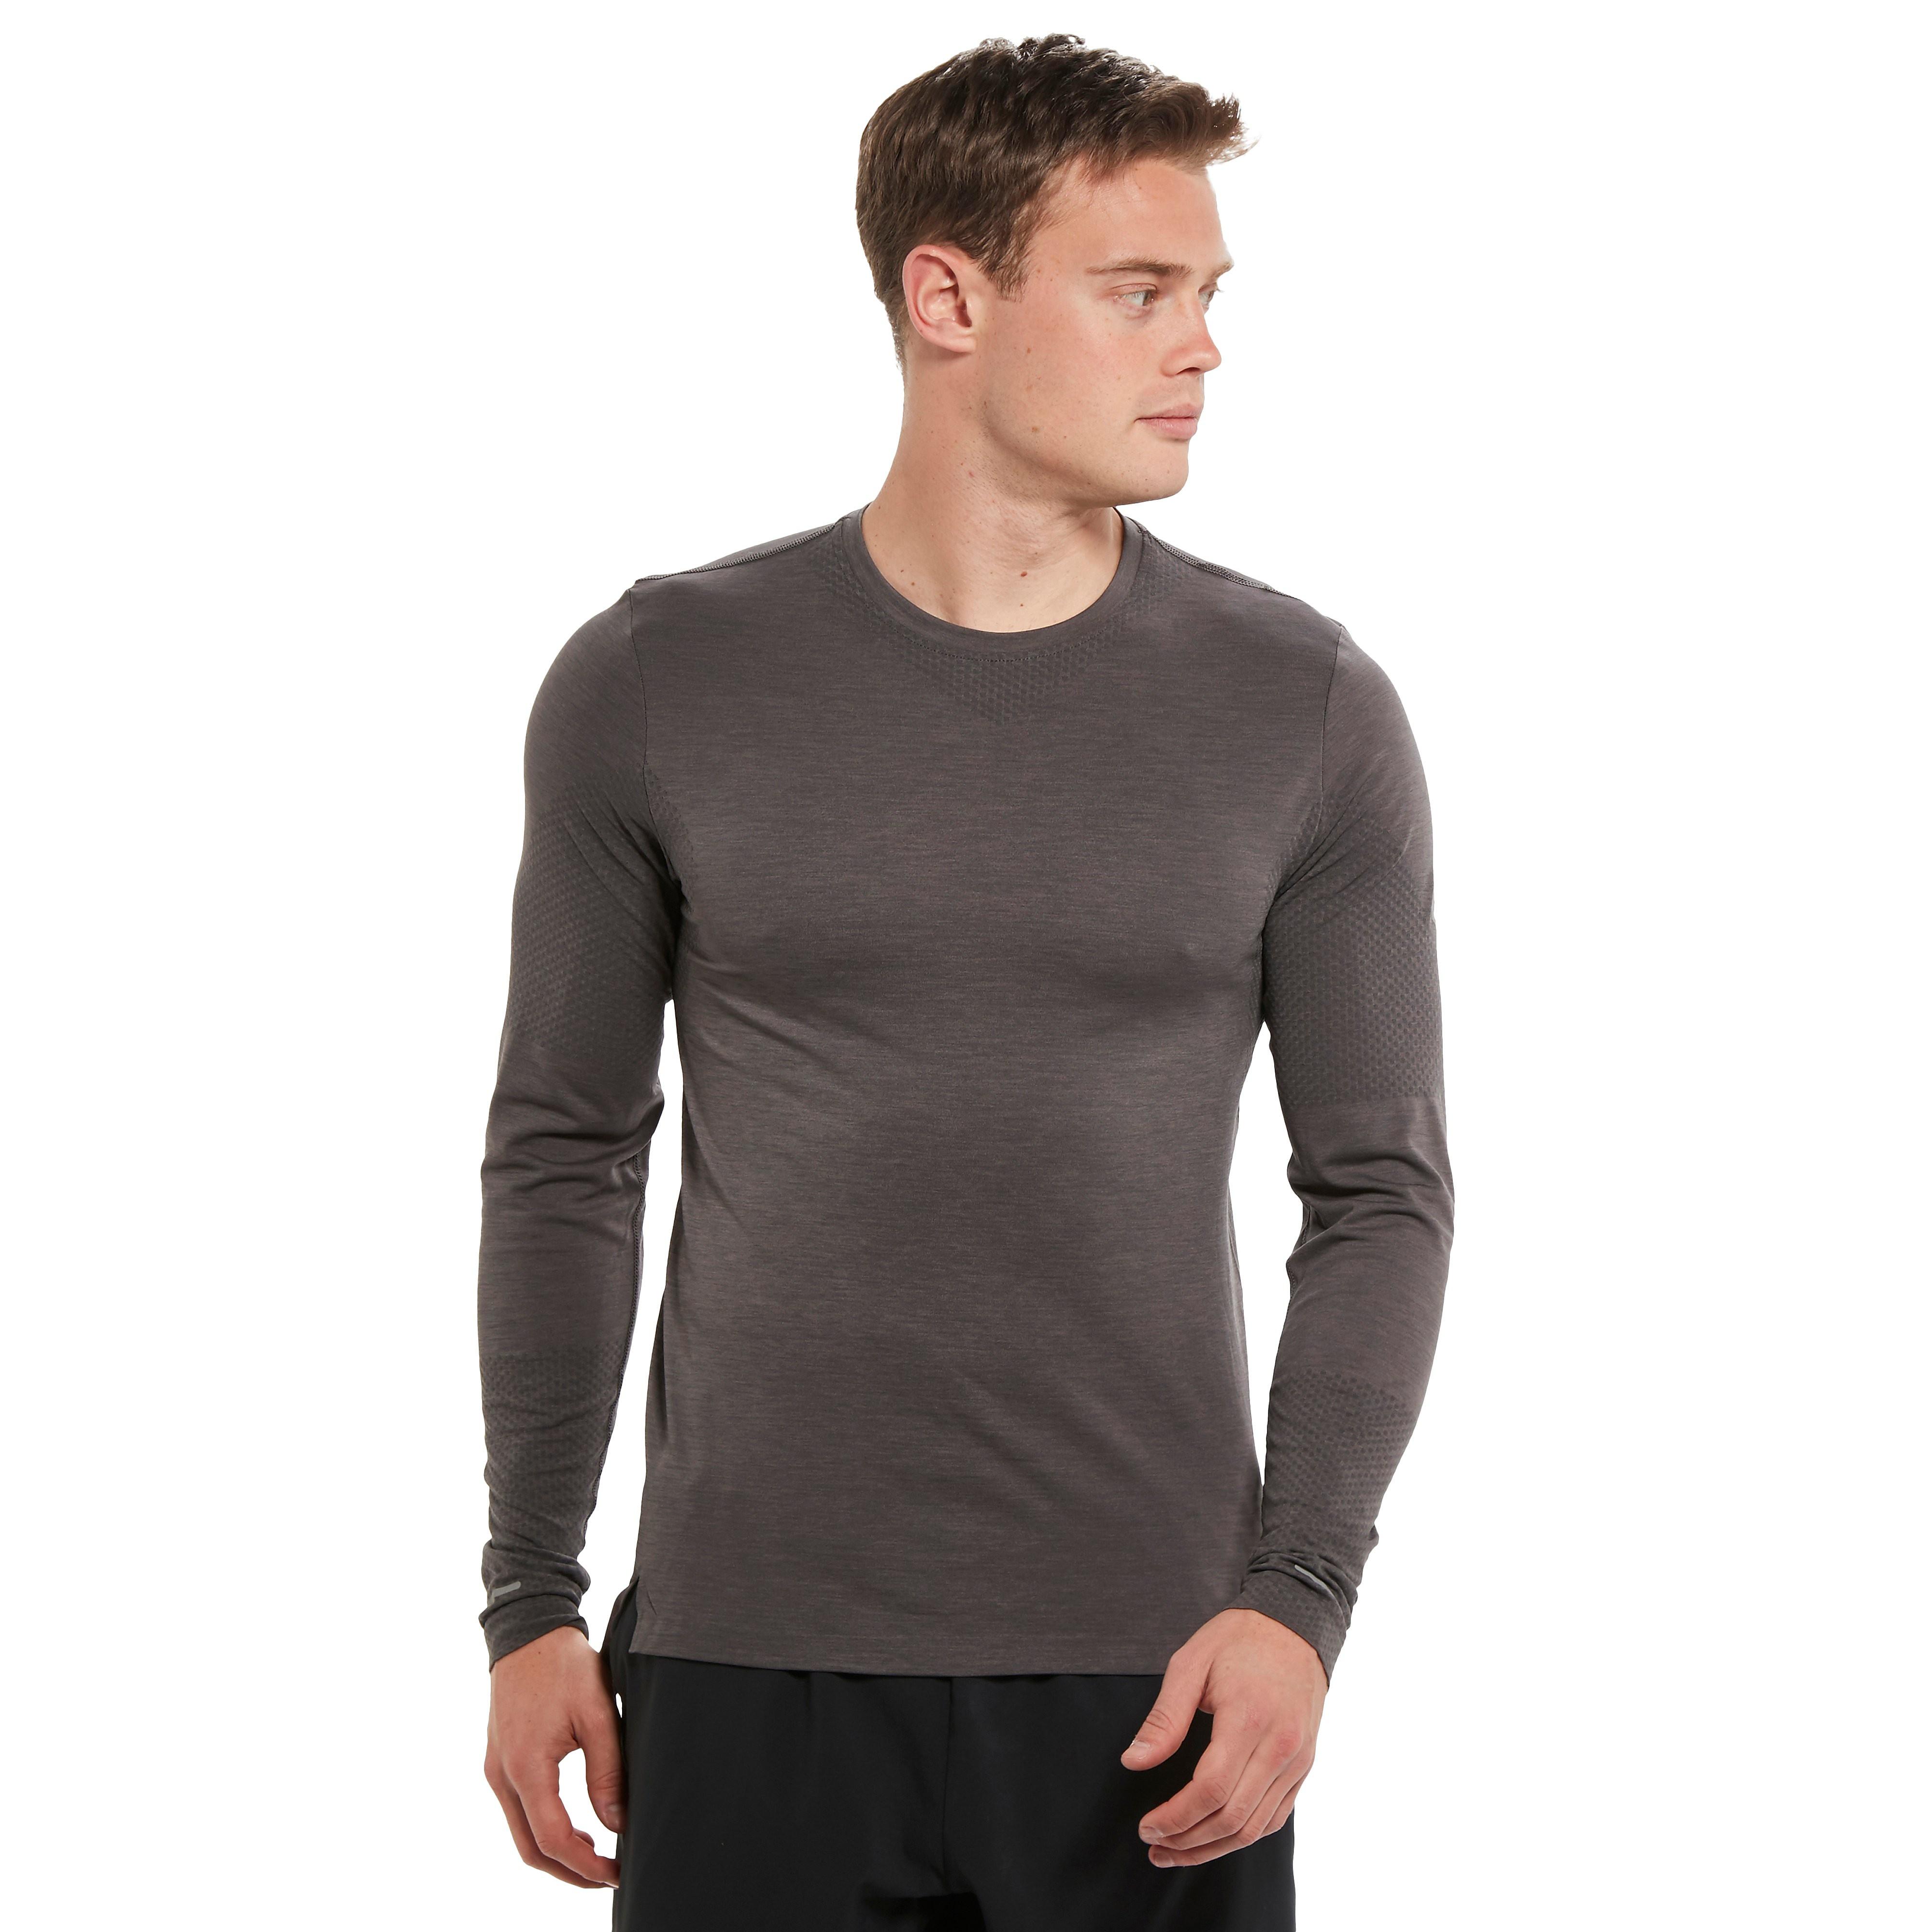 ASICS Long Sleeved Men's Seamless Running Top